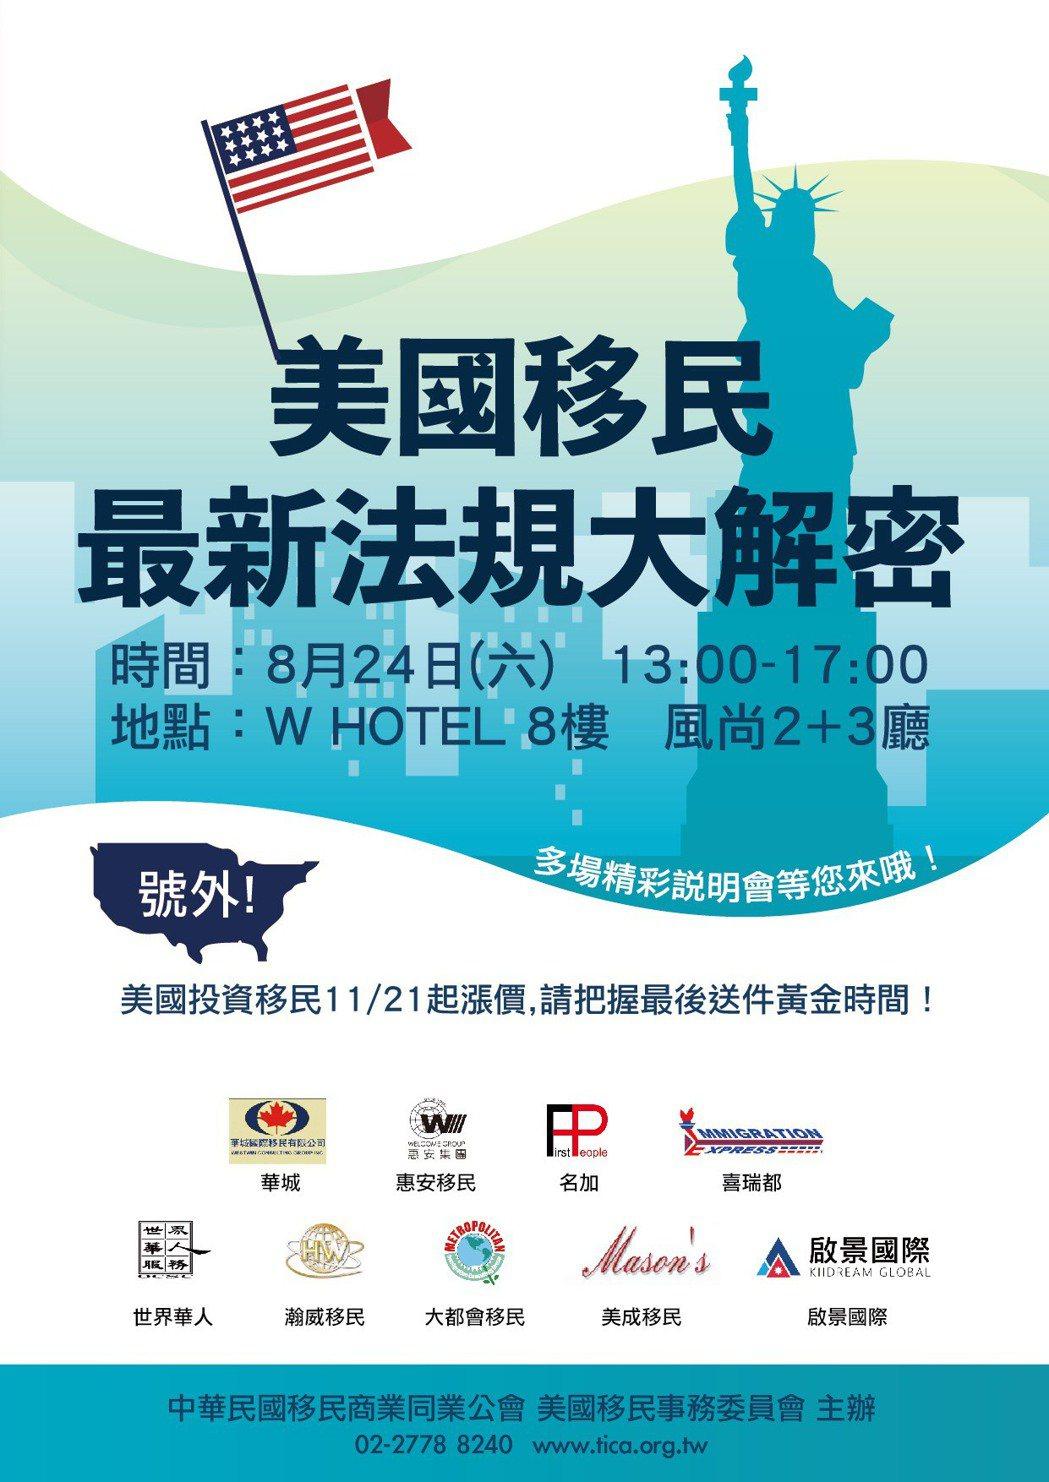 移民公會於8/24在台北W HOTEL主辦「美國移民展」,為各界解析美國最新移民...